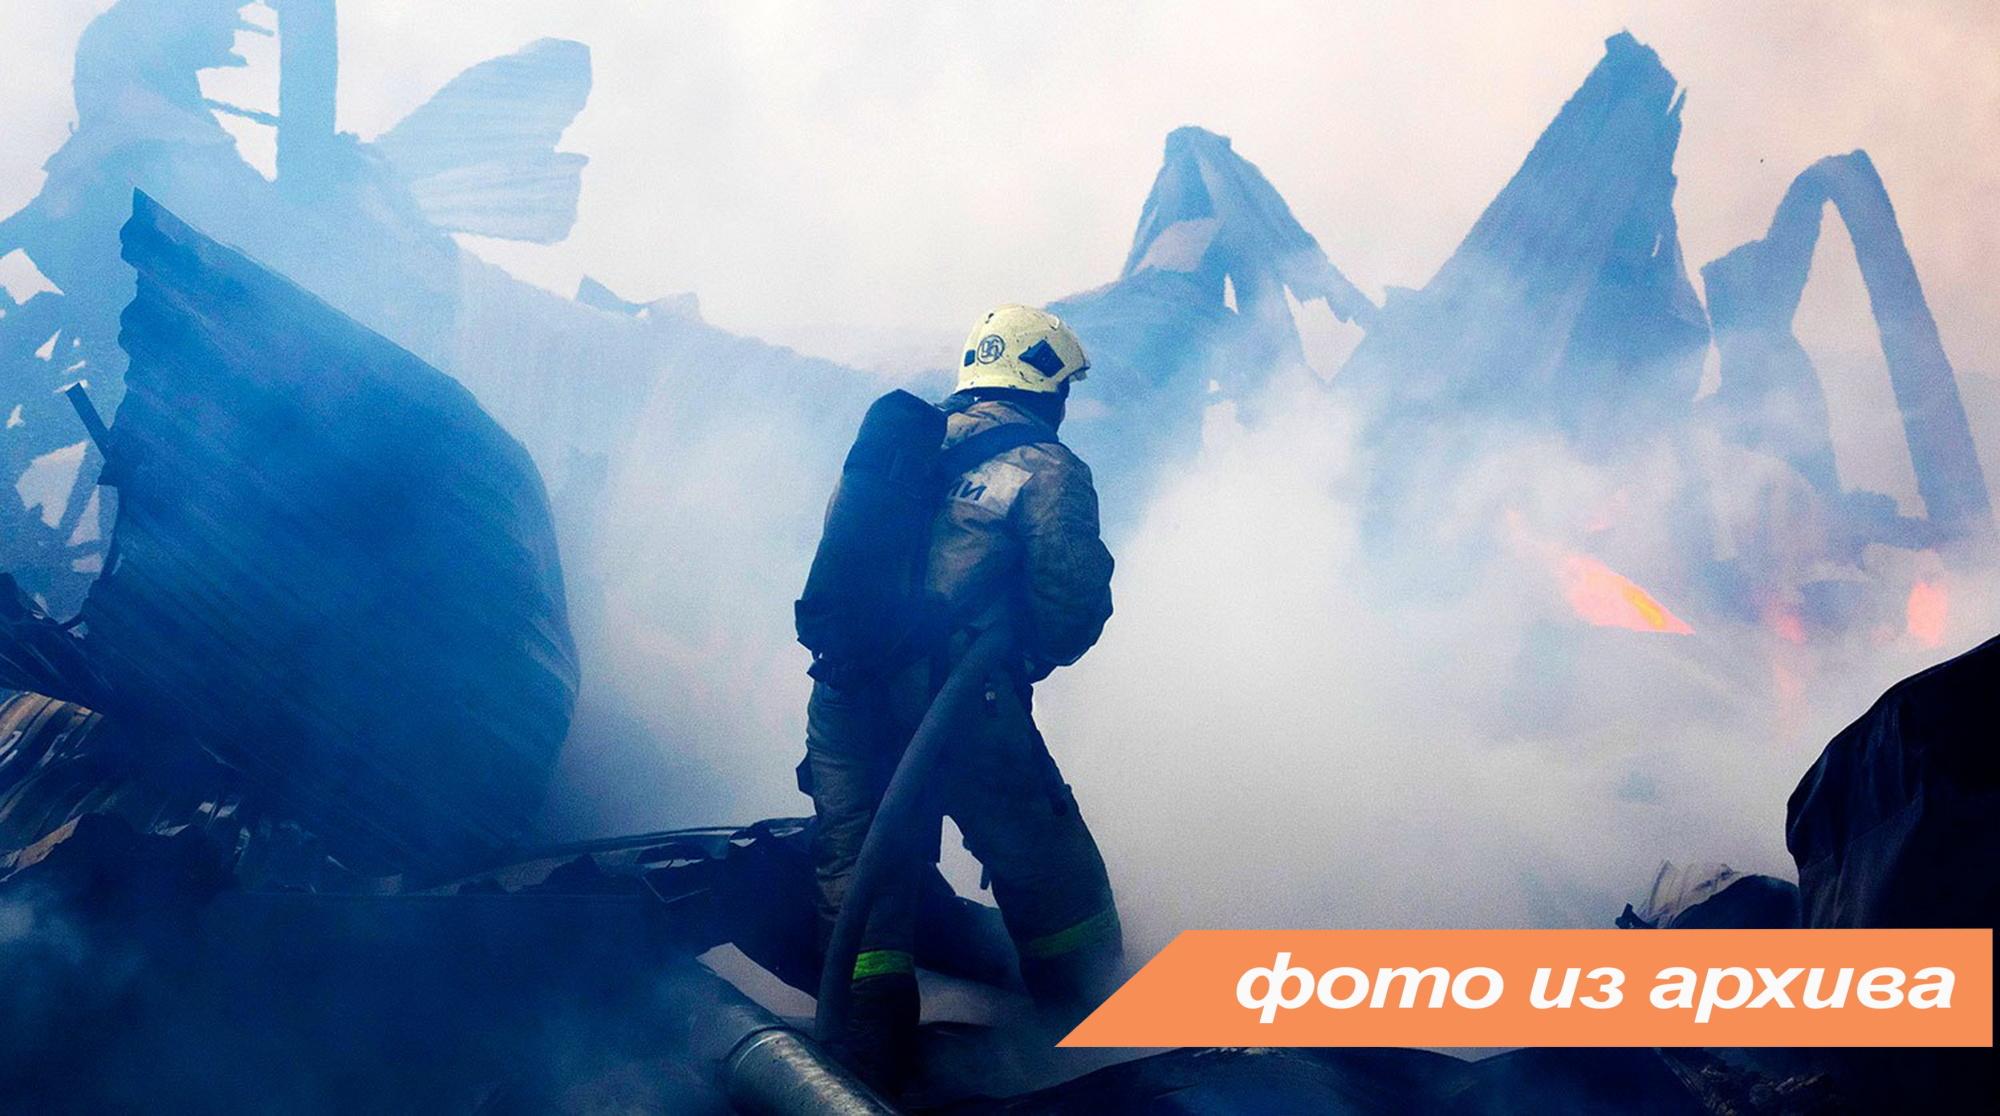 Пожарно-спасательные подразделения ликвидировали пожар во Гатчинском районе